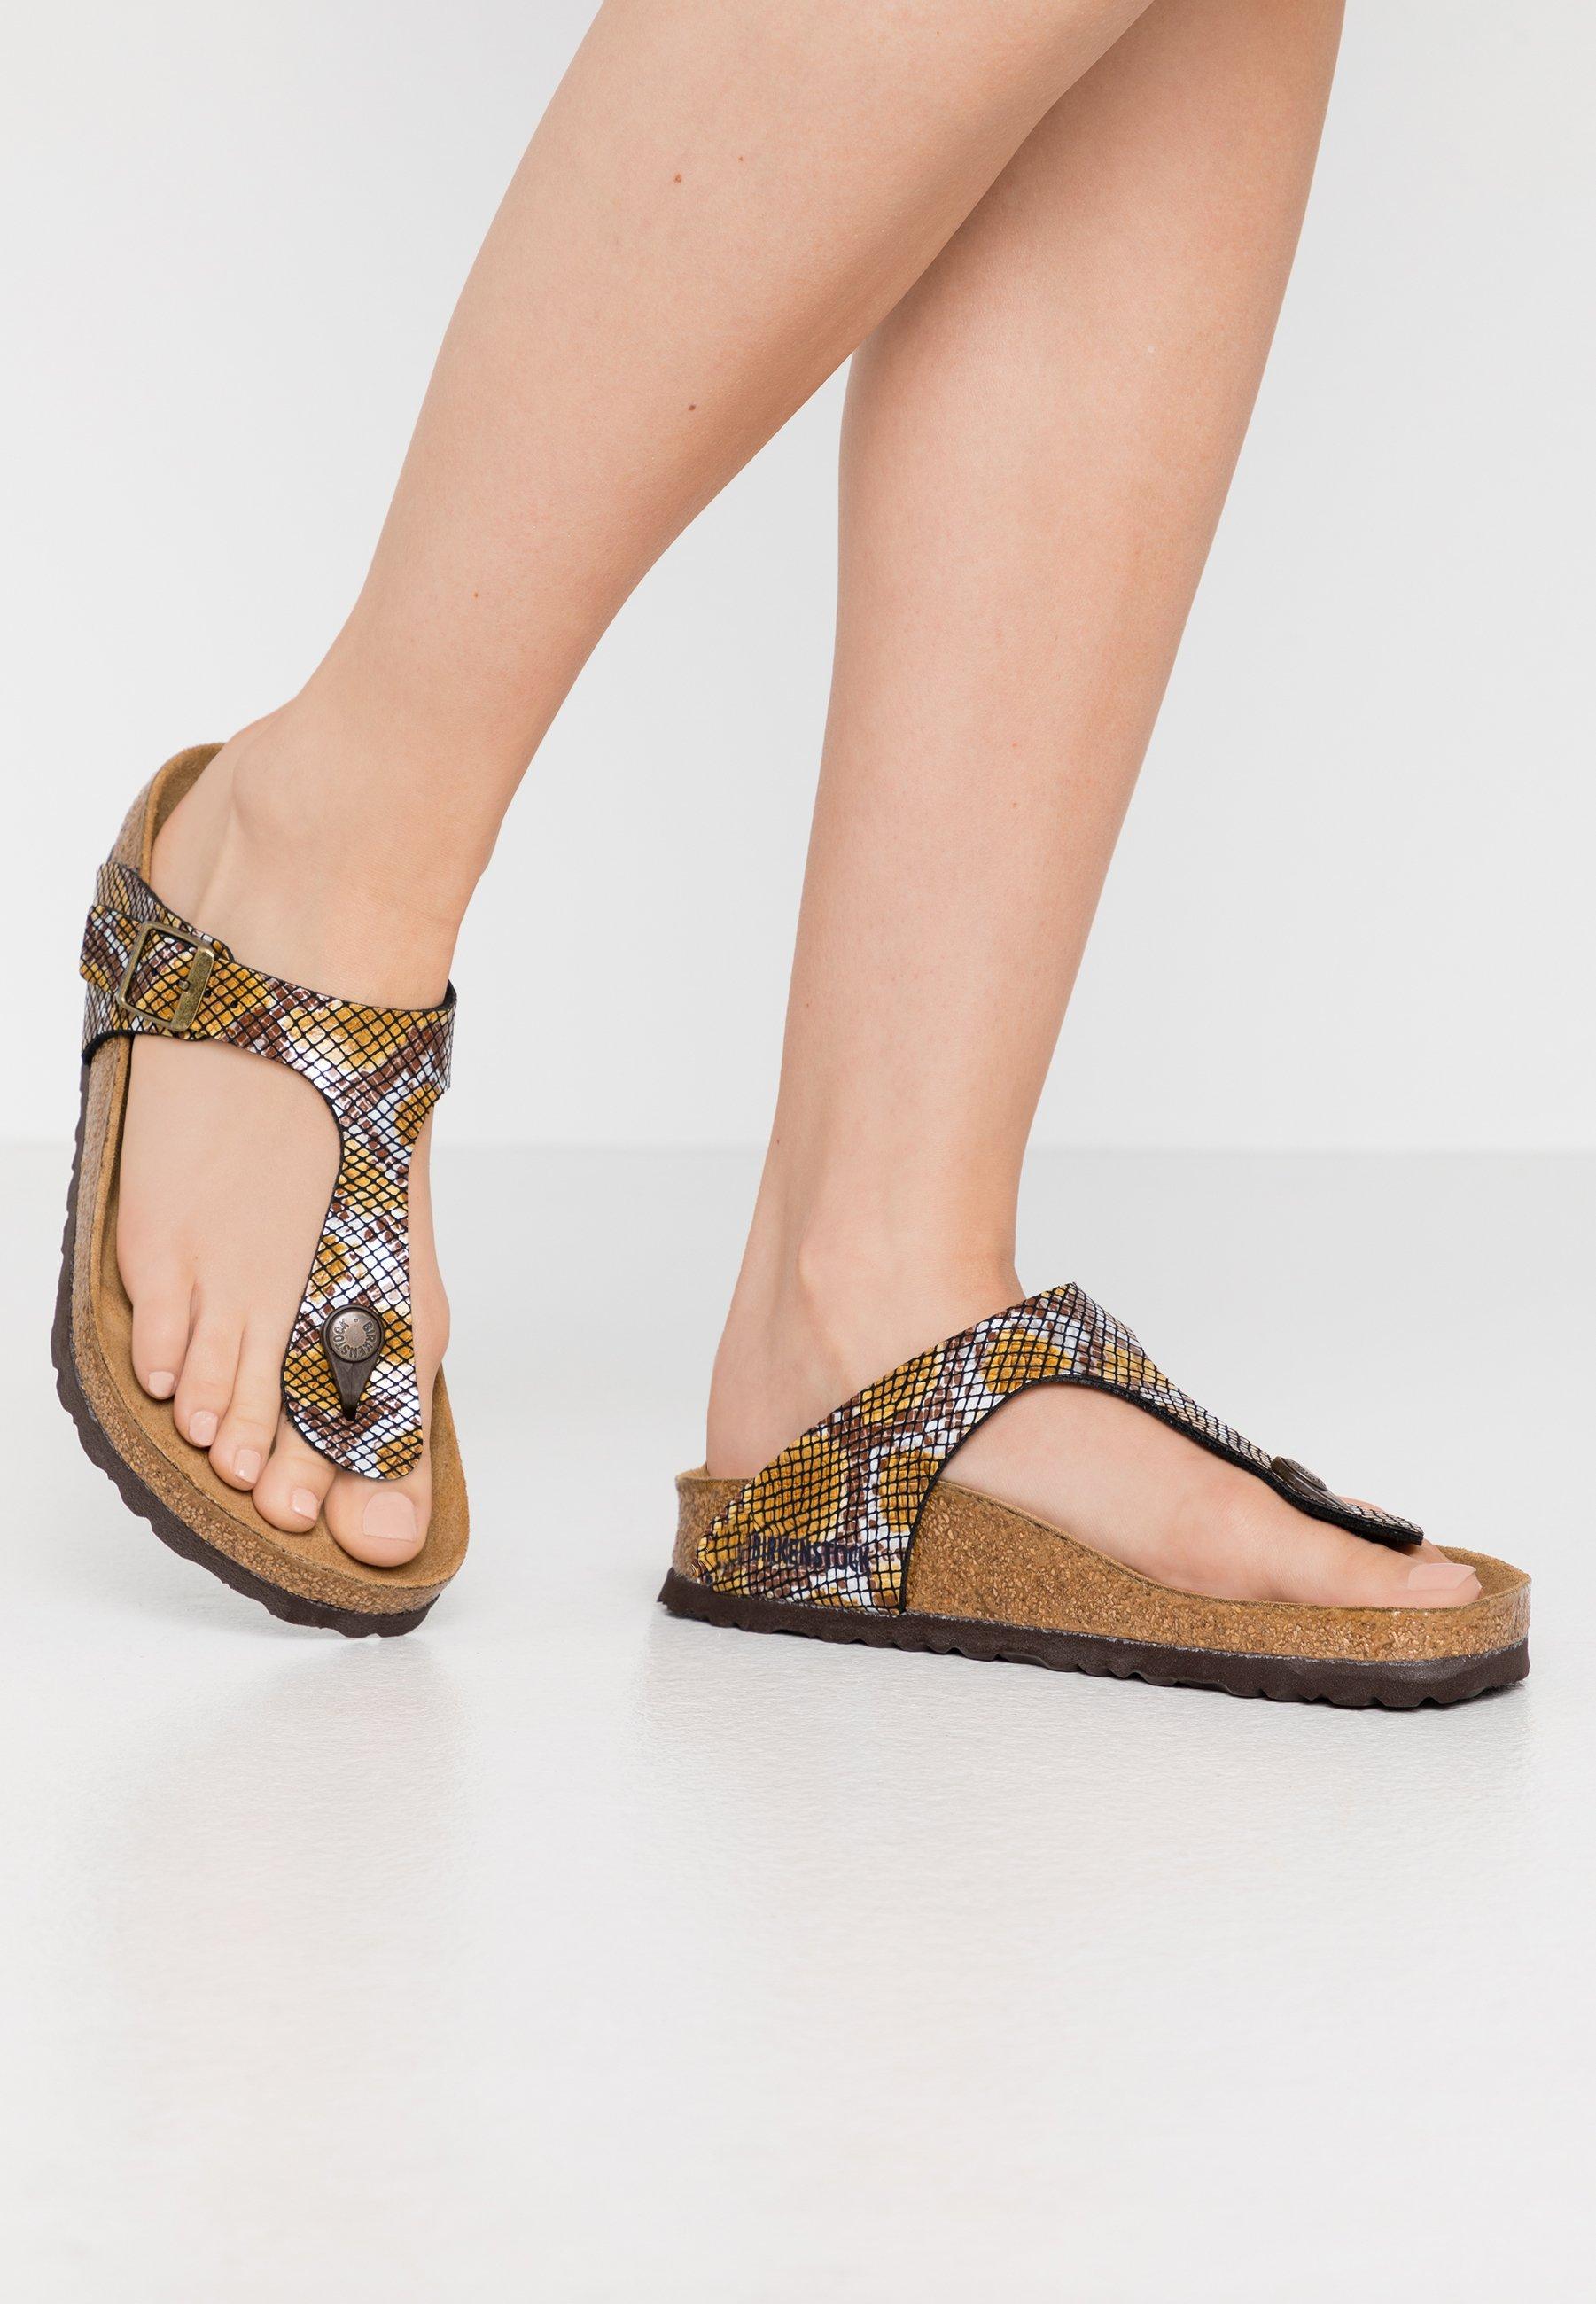 Women GIZEH - T-bar sandals - brown